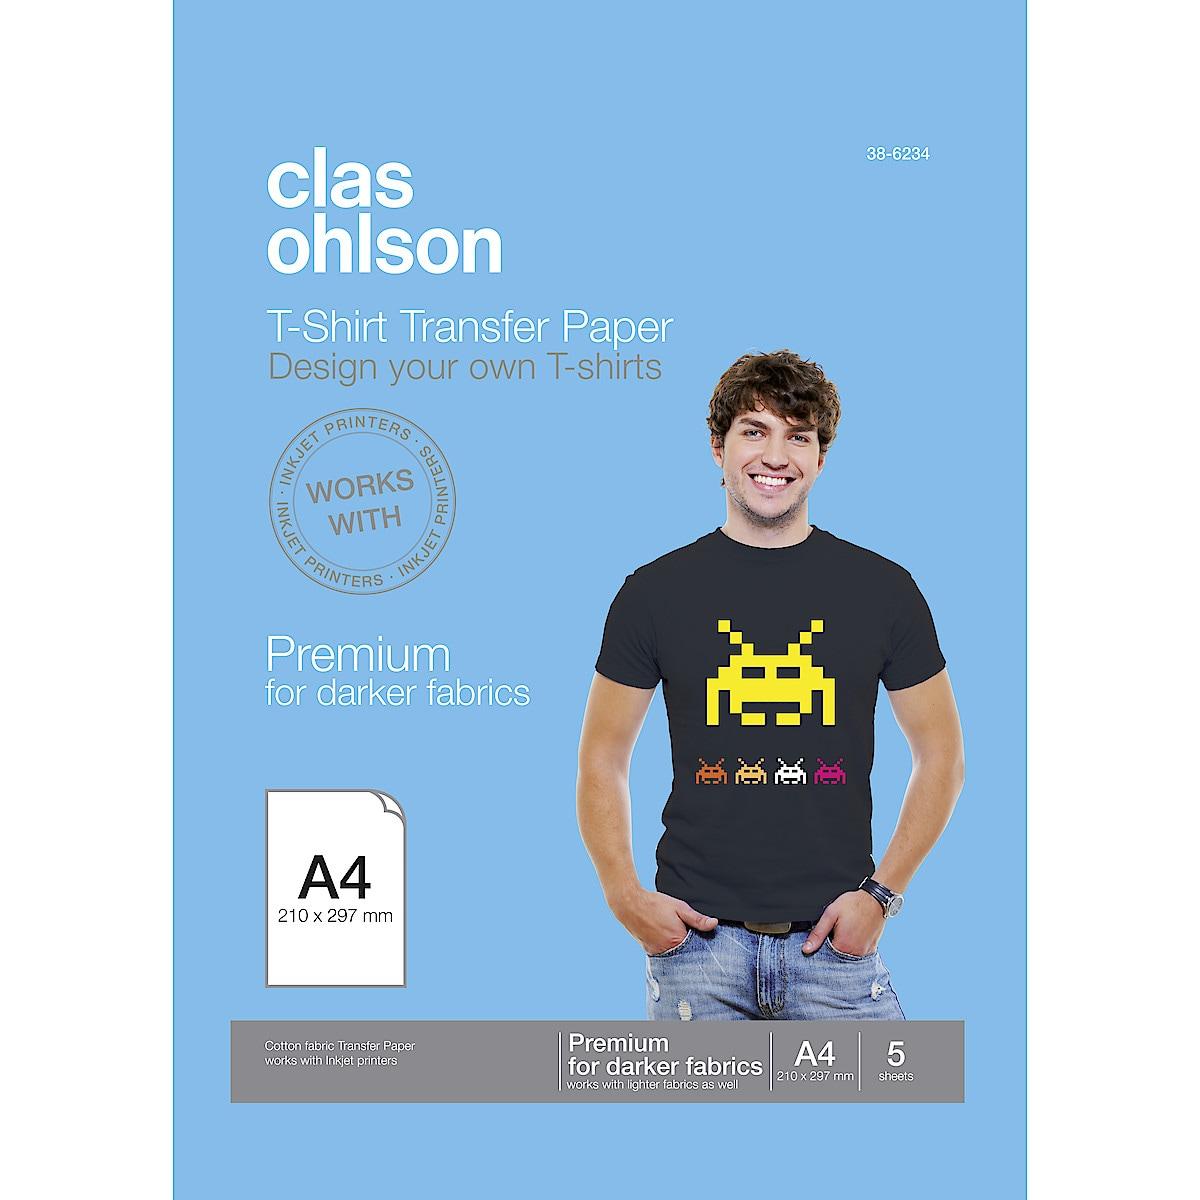 T-shirtpapper för svarta/mörka plagg Clas Ohlson